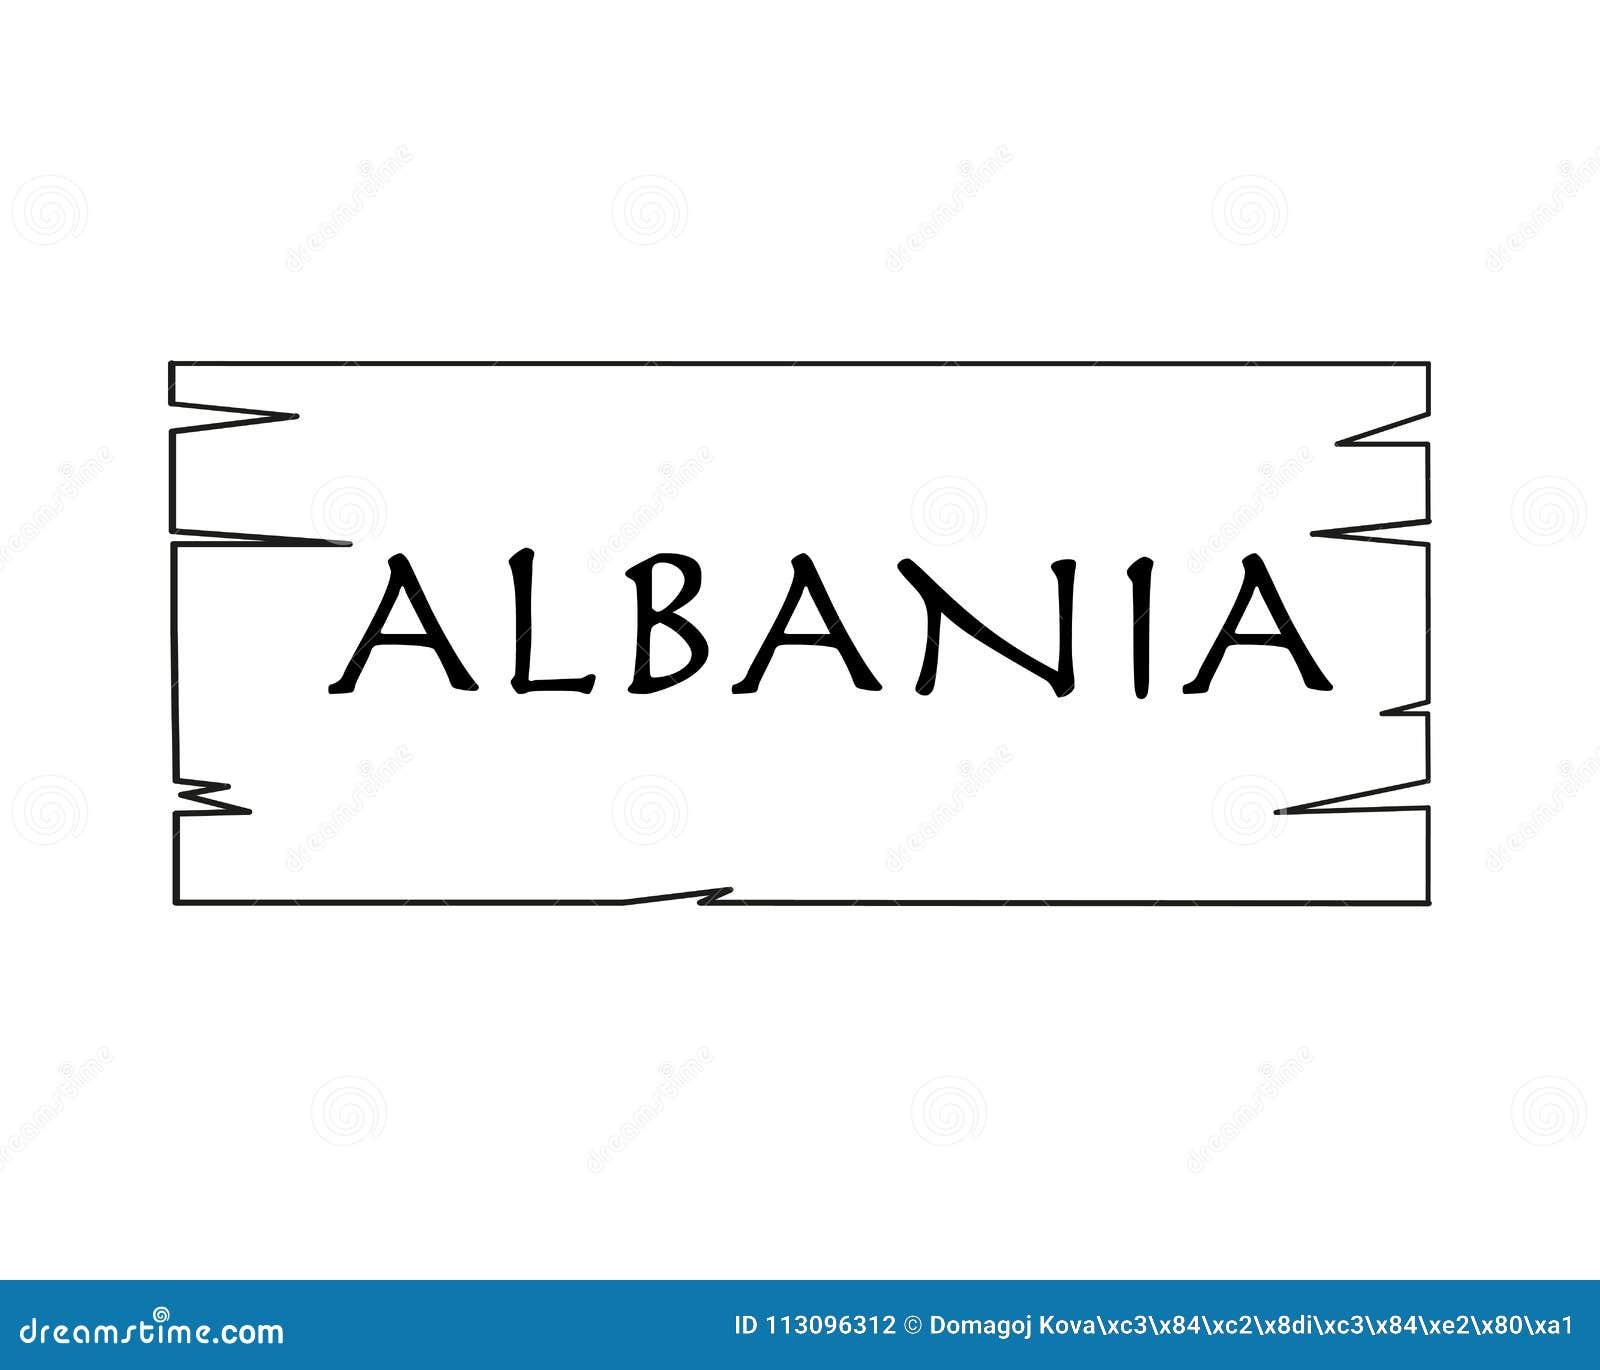 Albania, Nombre De País Escrito En El Fondo Blanco, Marco De Madera ...